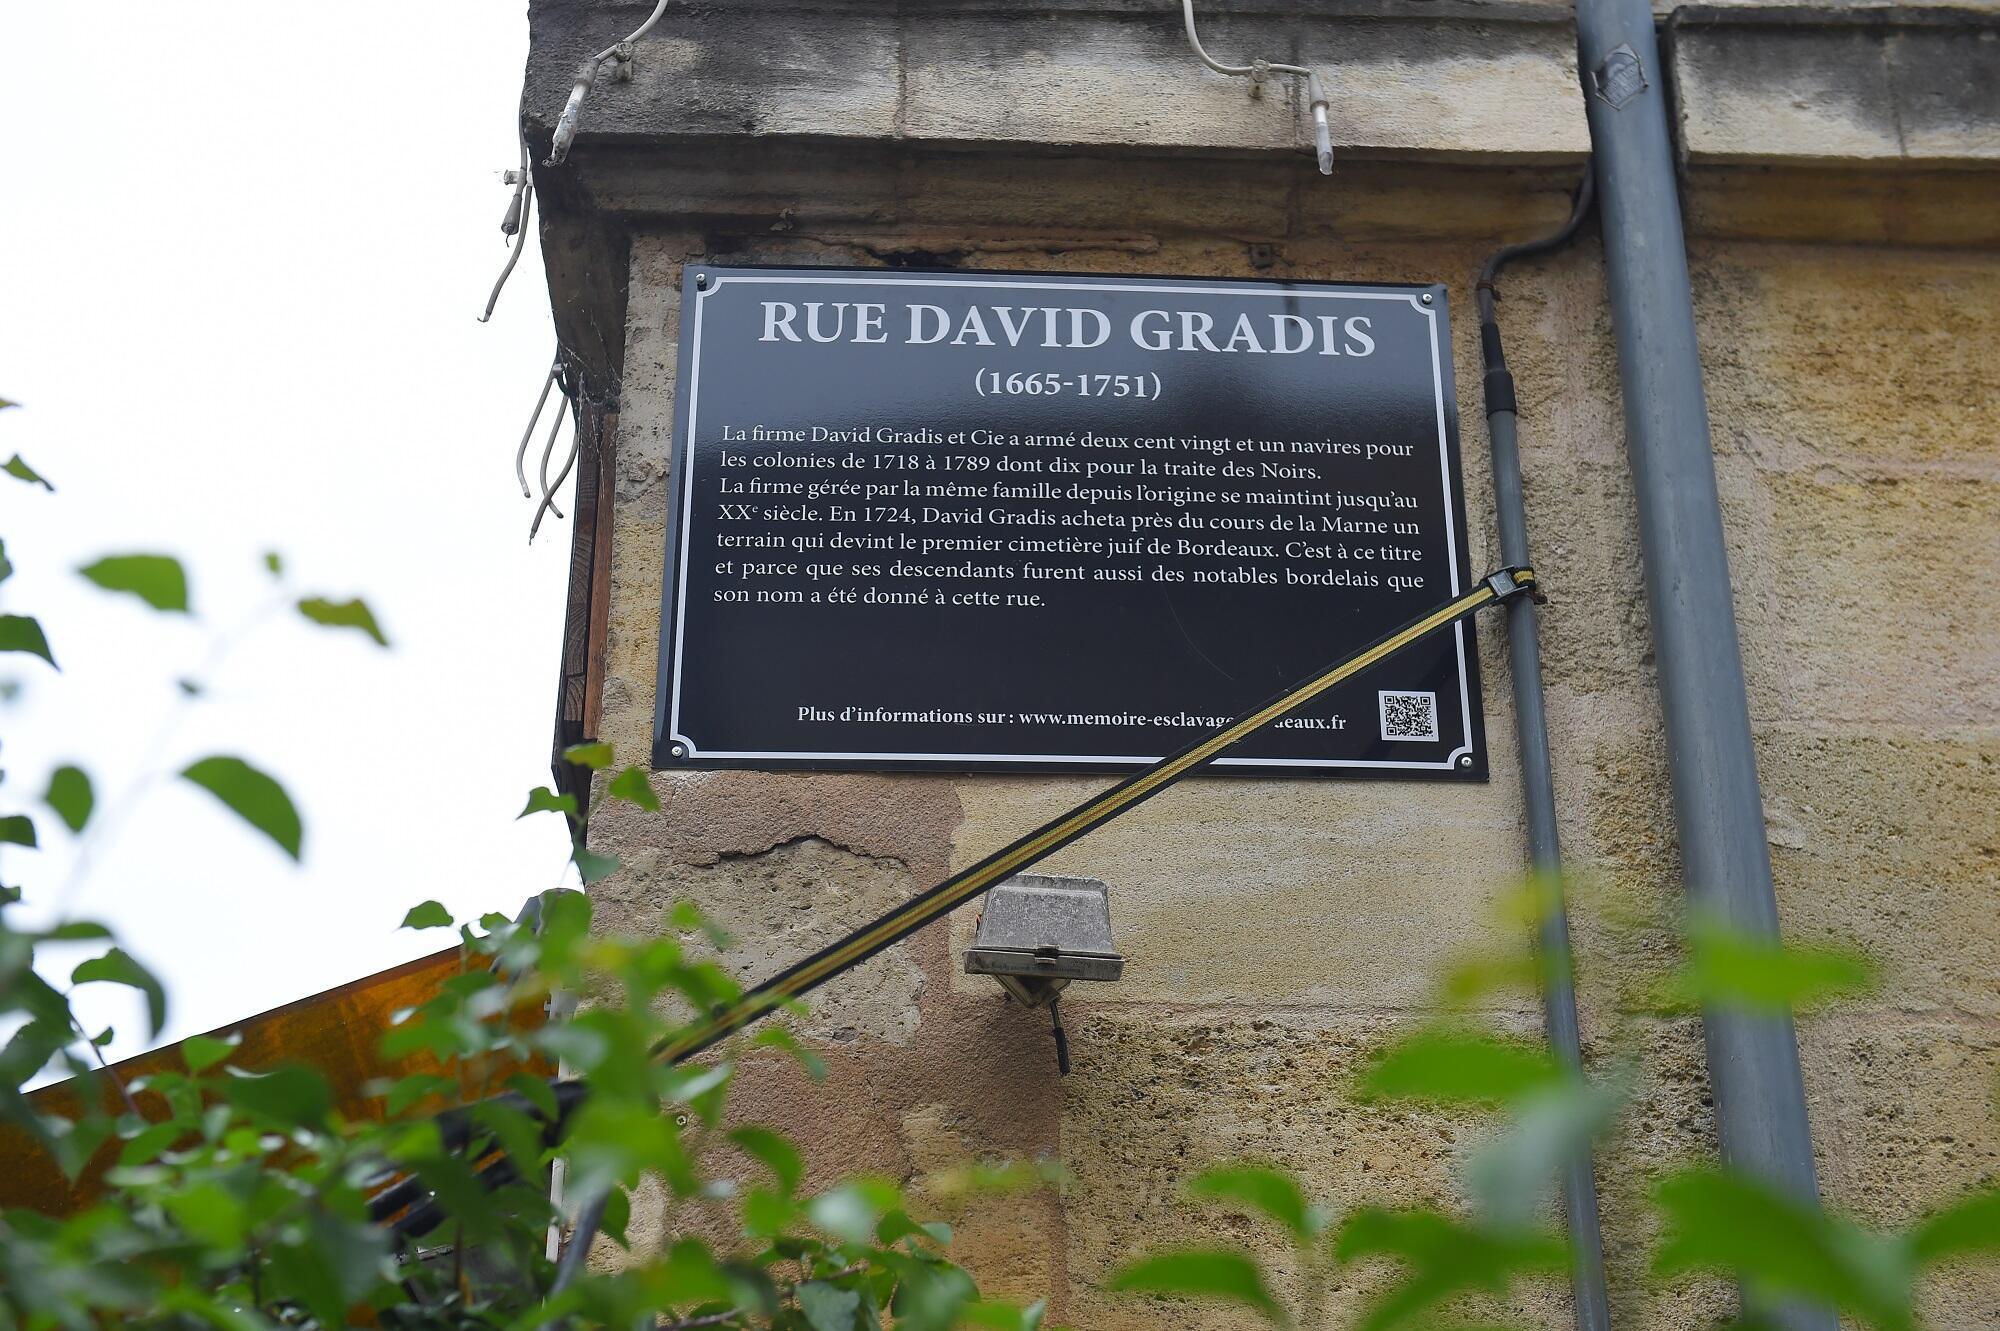 Bordeaux, que foi o segundo maior porto de escravos da França, colocou placas explicativas em cinco ruas com nomes de traficantes de escravos.